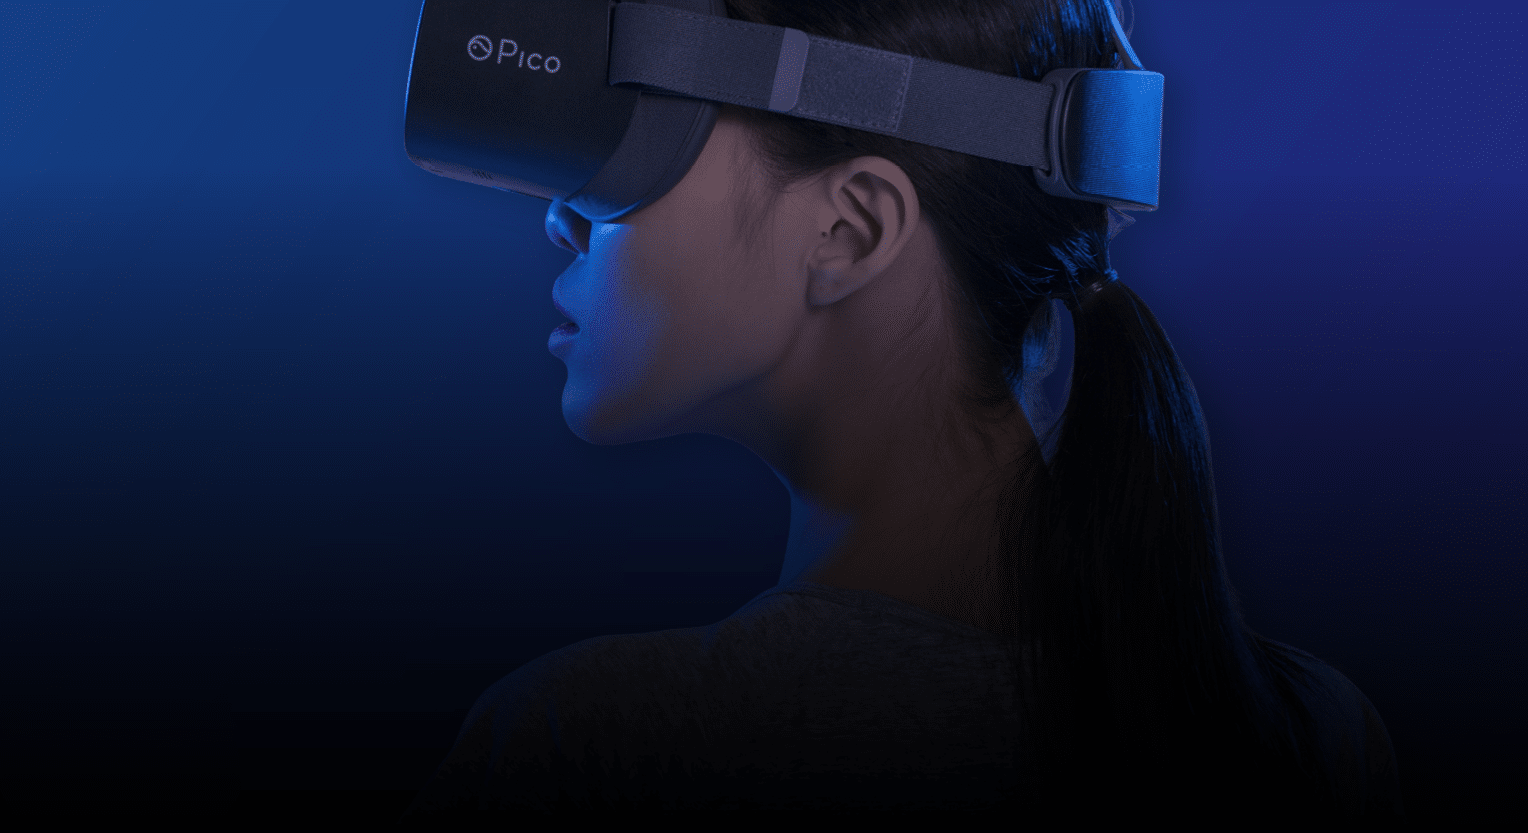 Pico VR Brille